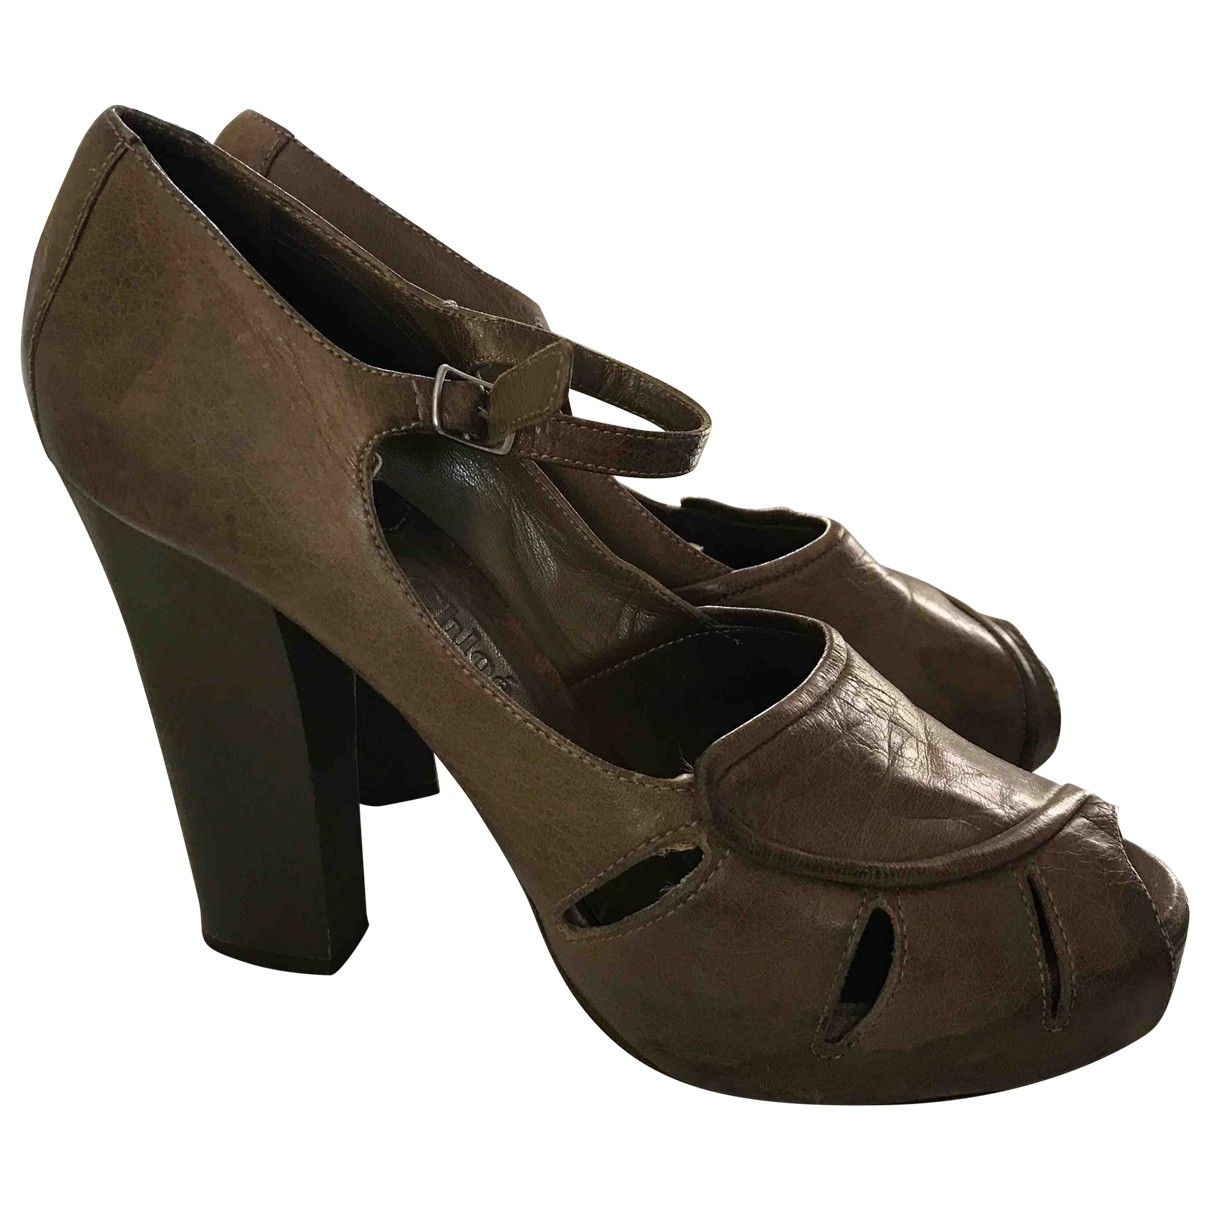 Chloe - Escarpins   pour femme en cuir - marron